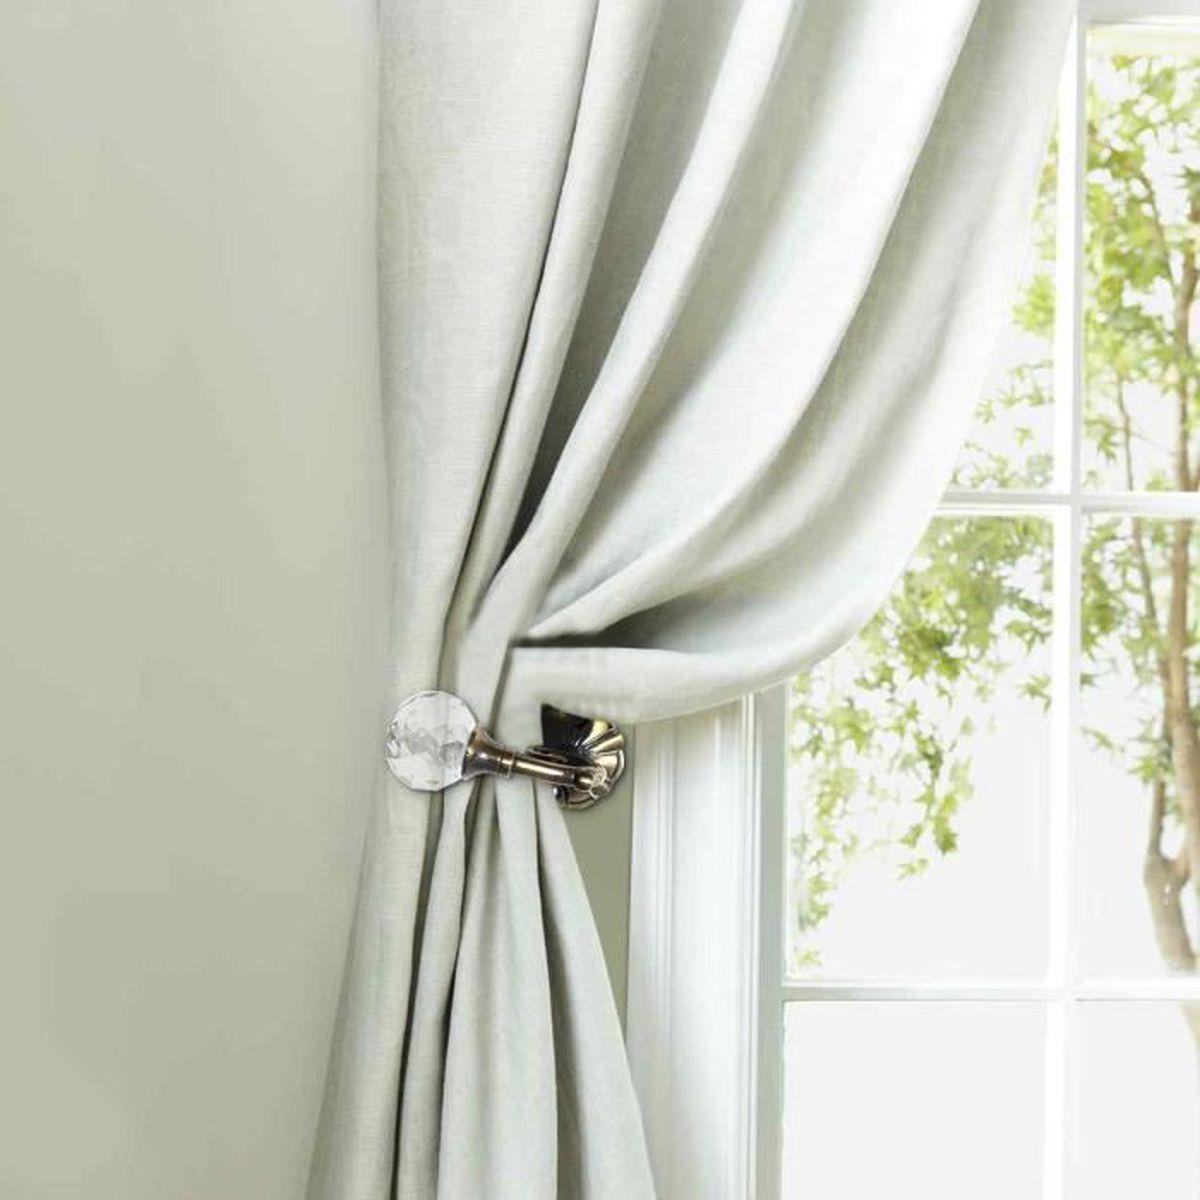 Poser Des Tringles À Rideaux Avec Coffre Volet Roulant 2pcs supports de tringle à rideau boule de cristal métal rideaux crochets  attachés (bronze)